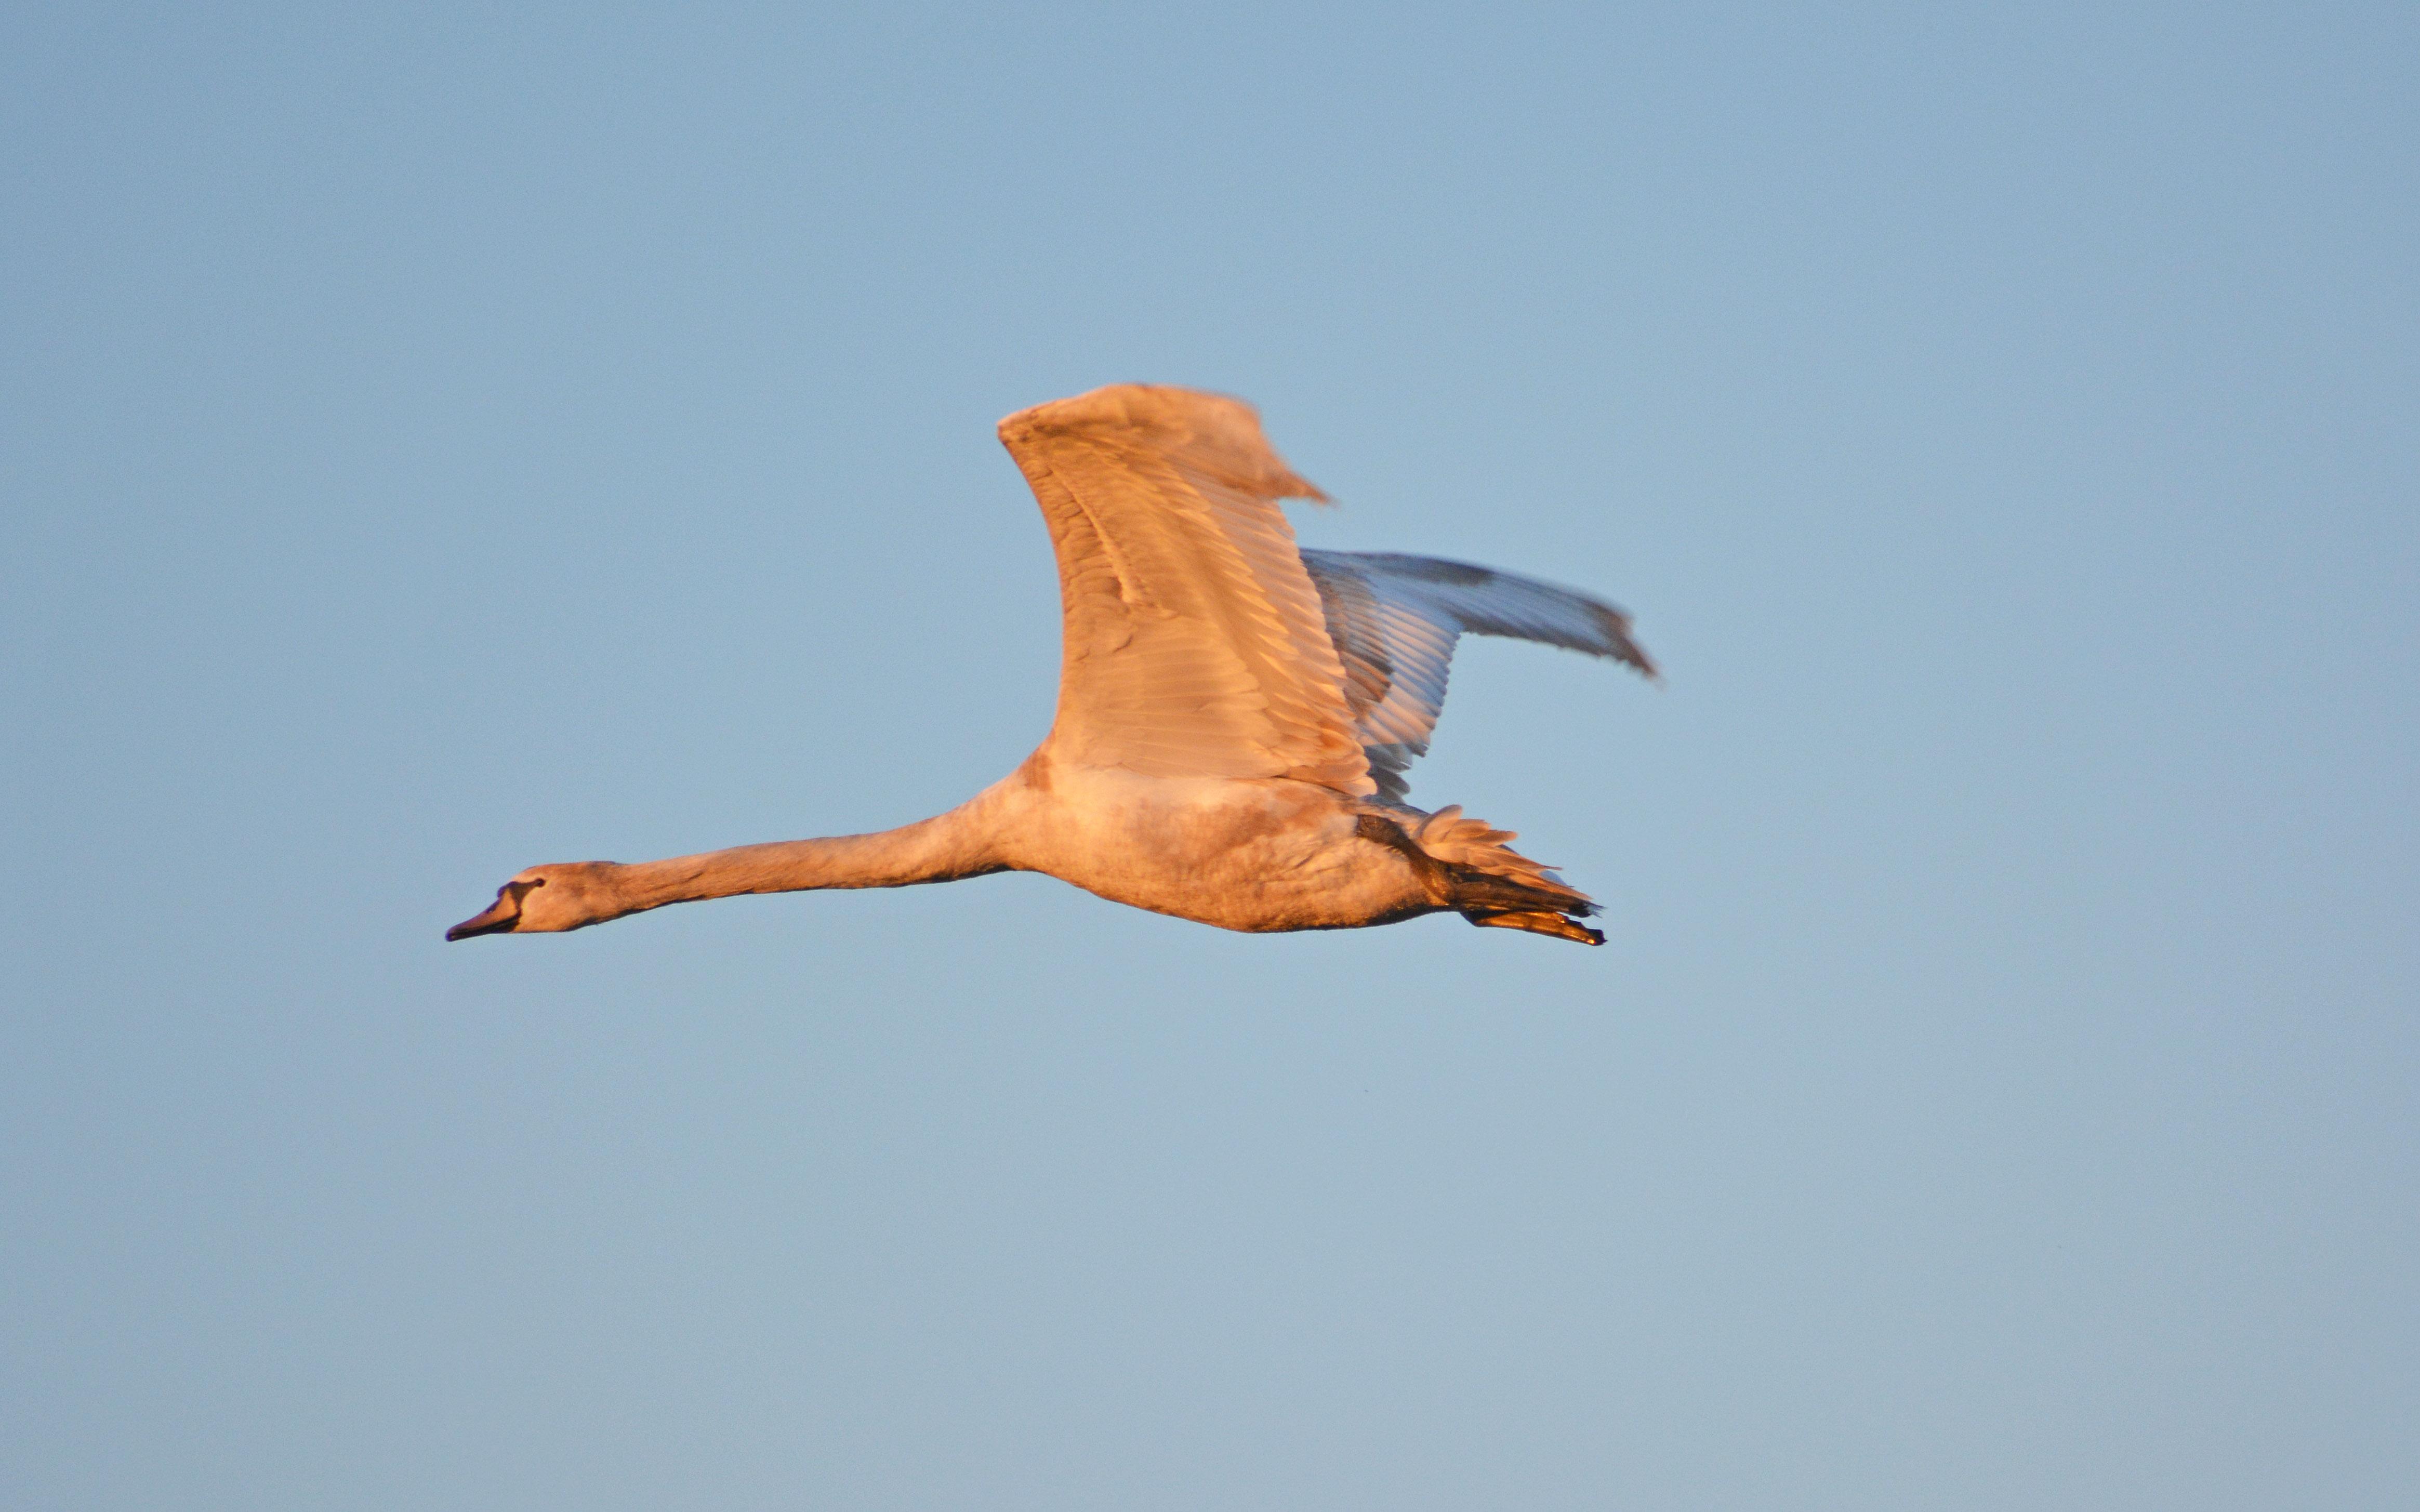 vliegende zwaan